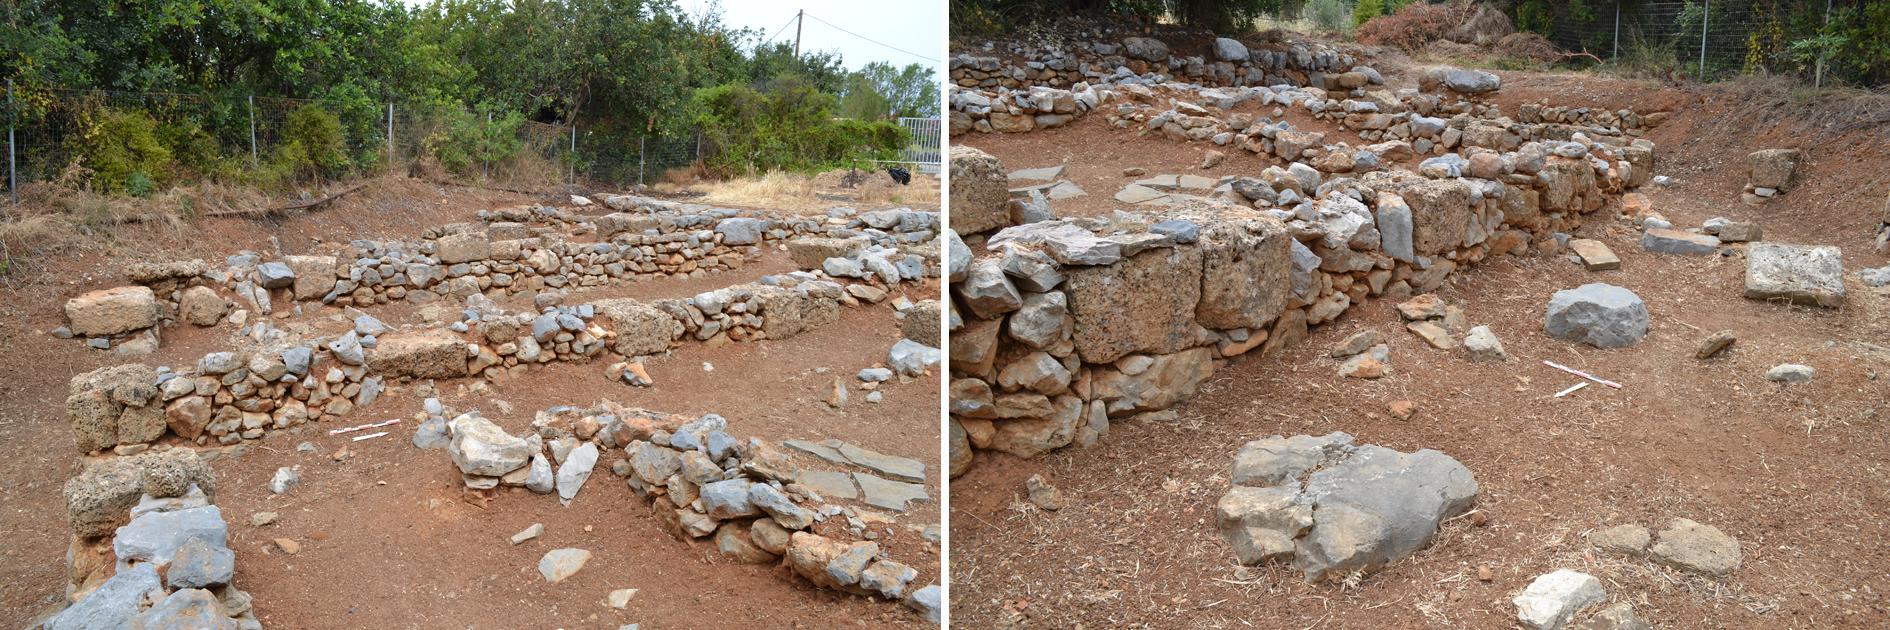 Figure 3. Murs alternant blocs de grès taillés et moellons bruts de calcaire local dans la partie centrale du Bâtiment Dessenne. Noter que certains des blocs de grès taillés insérés dans les murs font face à des bases de colonnes (à droite). Clichés M. Devolder ©EFA